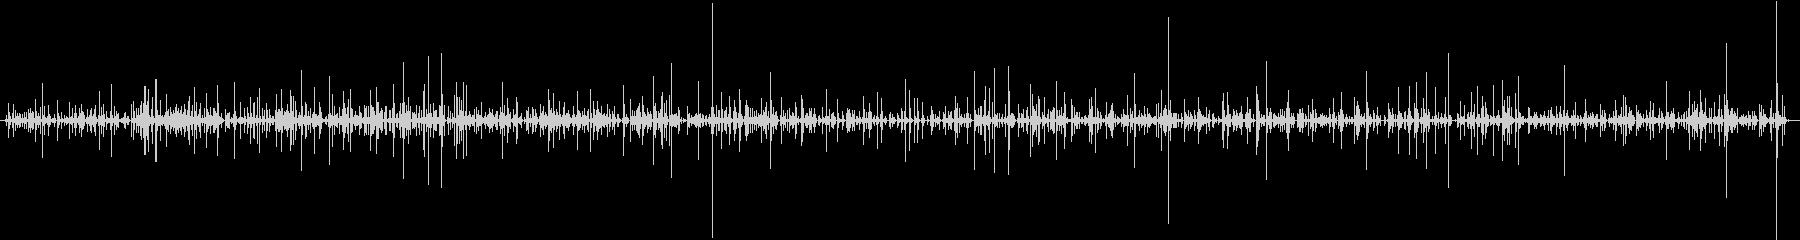 タイピング音(キーボード×3人)1分間の未再生の波形